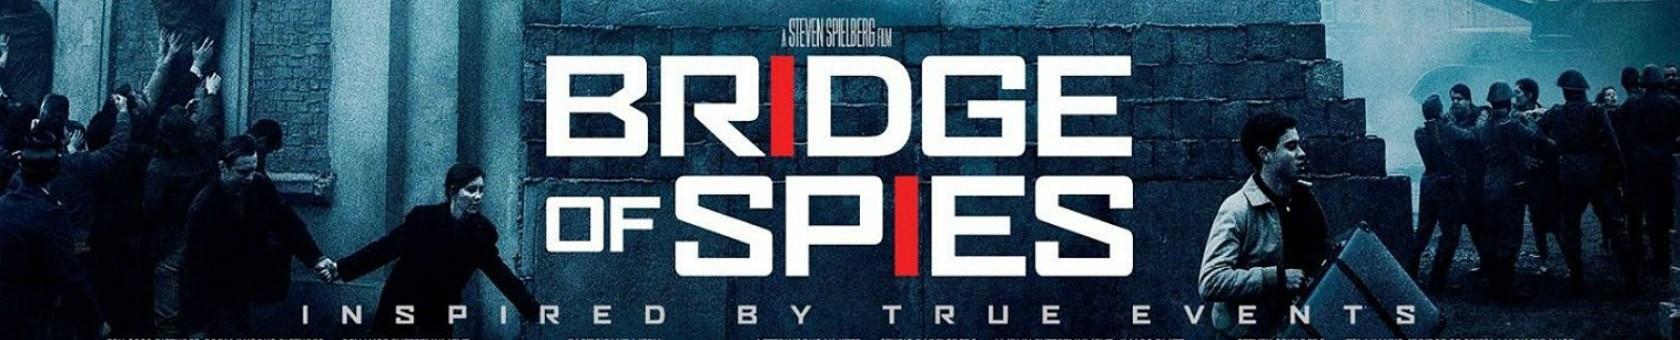 Bridge of Spies Recension GGG (inkl video)